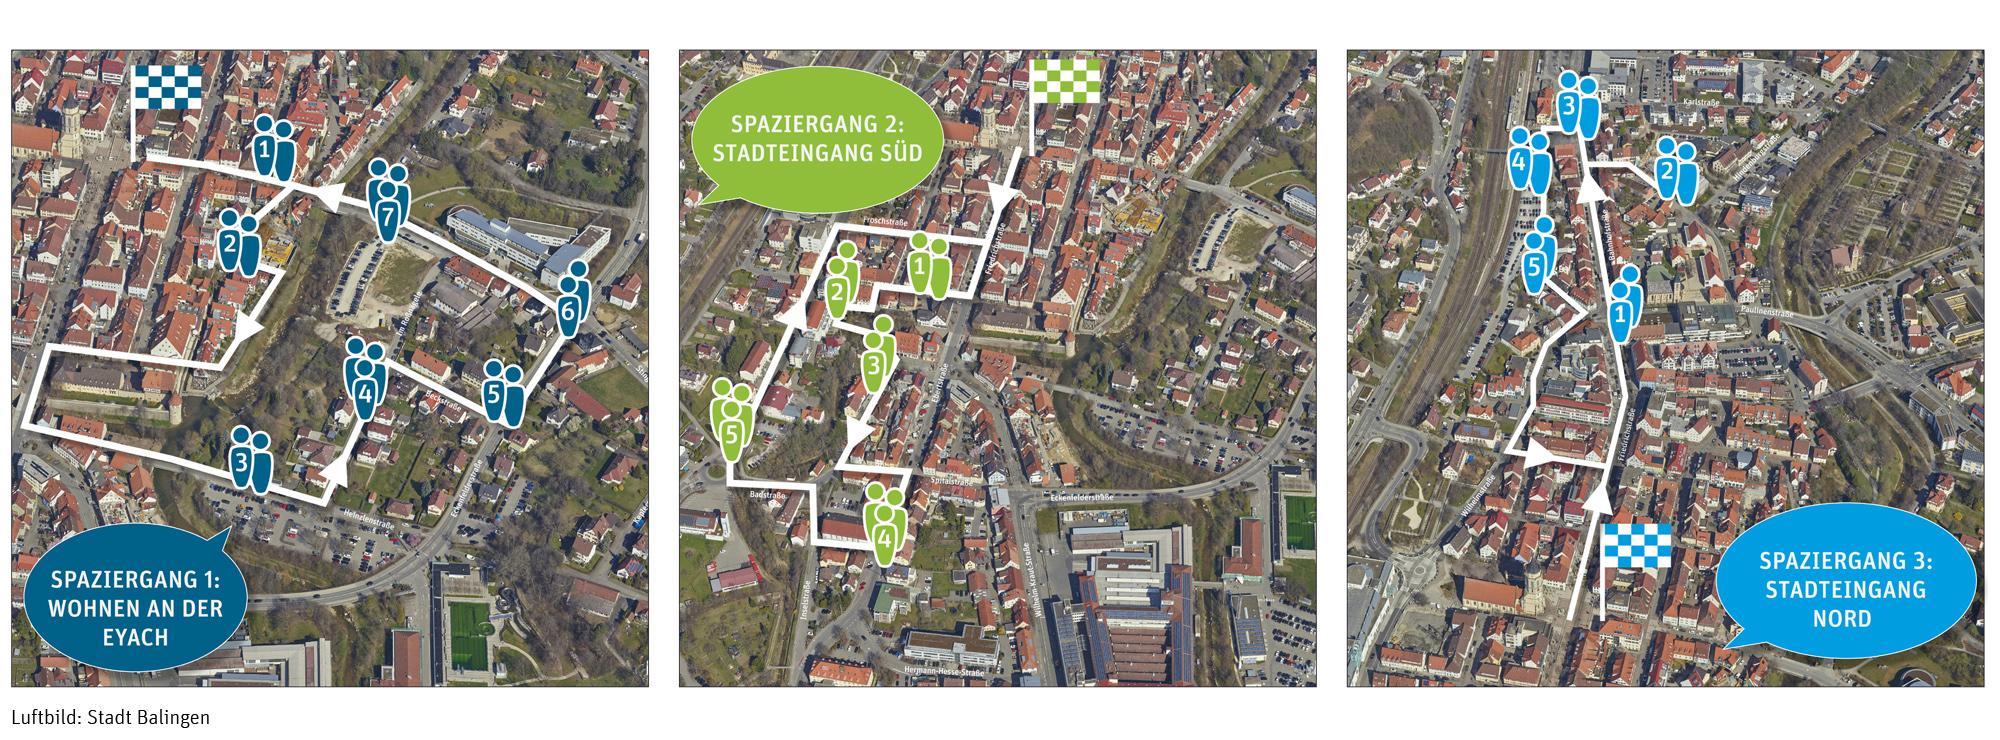 ppas_Balingen_ISEK_Dialog 2_Beteiligung_Stadtentwicklung_Stadtspaziergänge